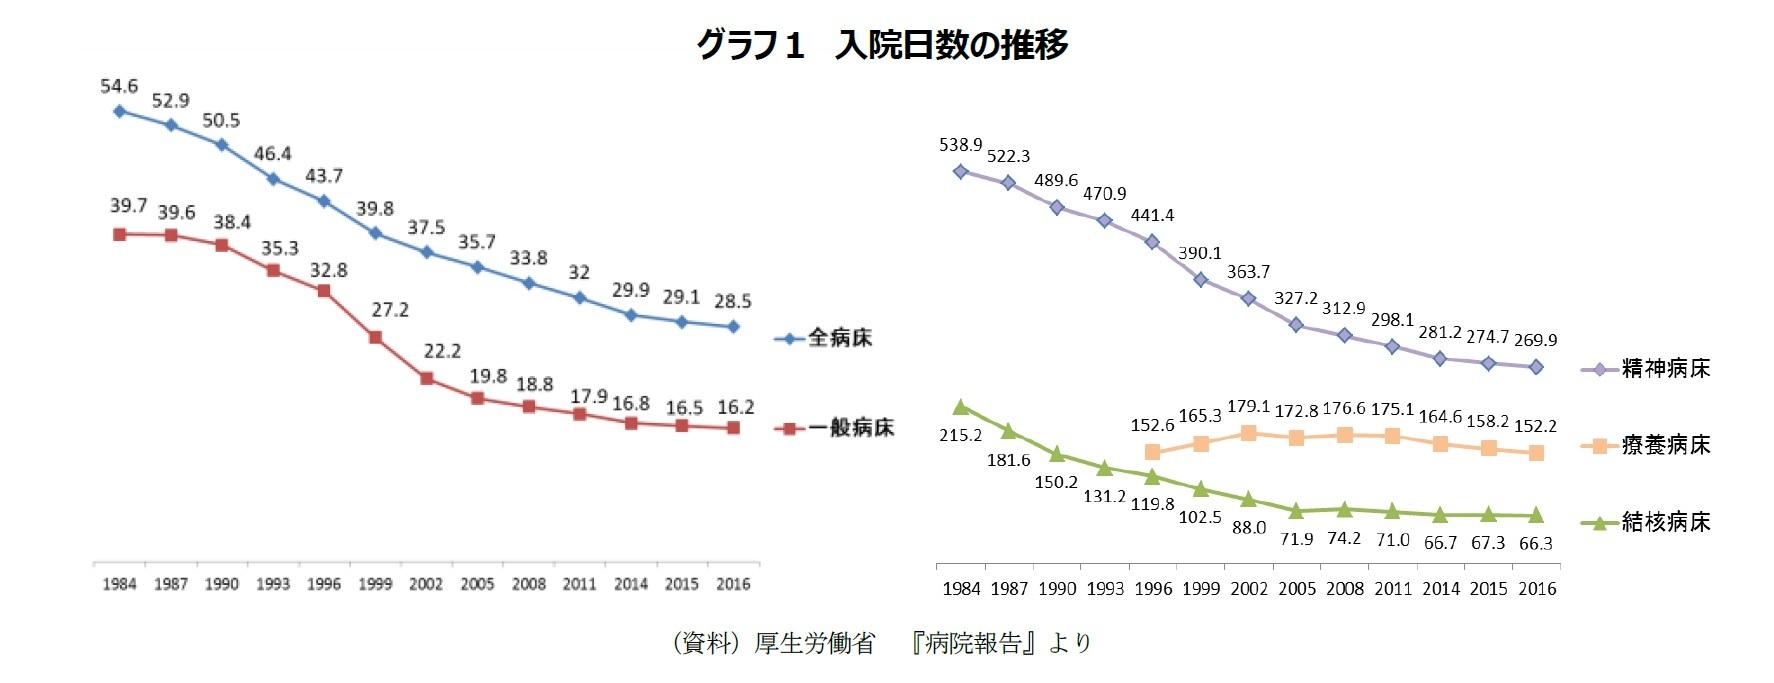 グラフ1 入院日数の推移